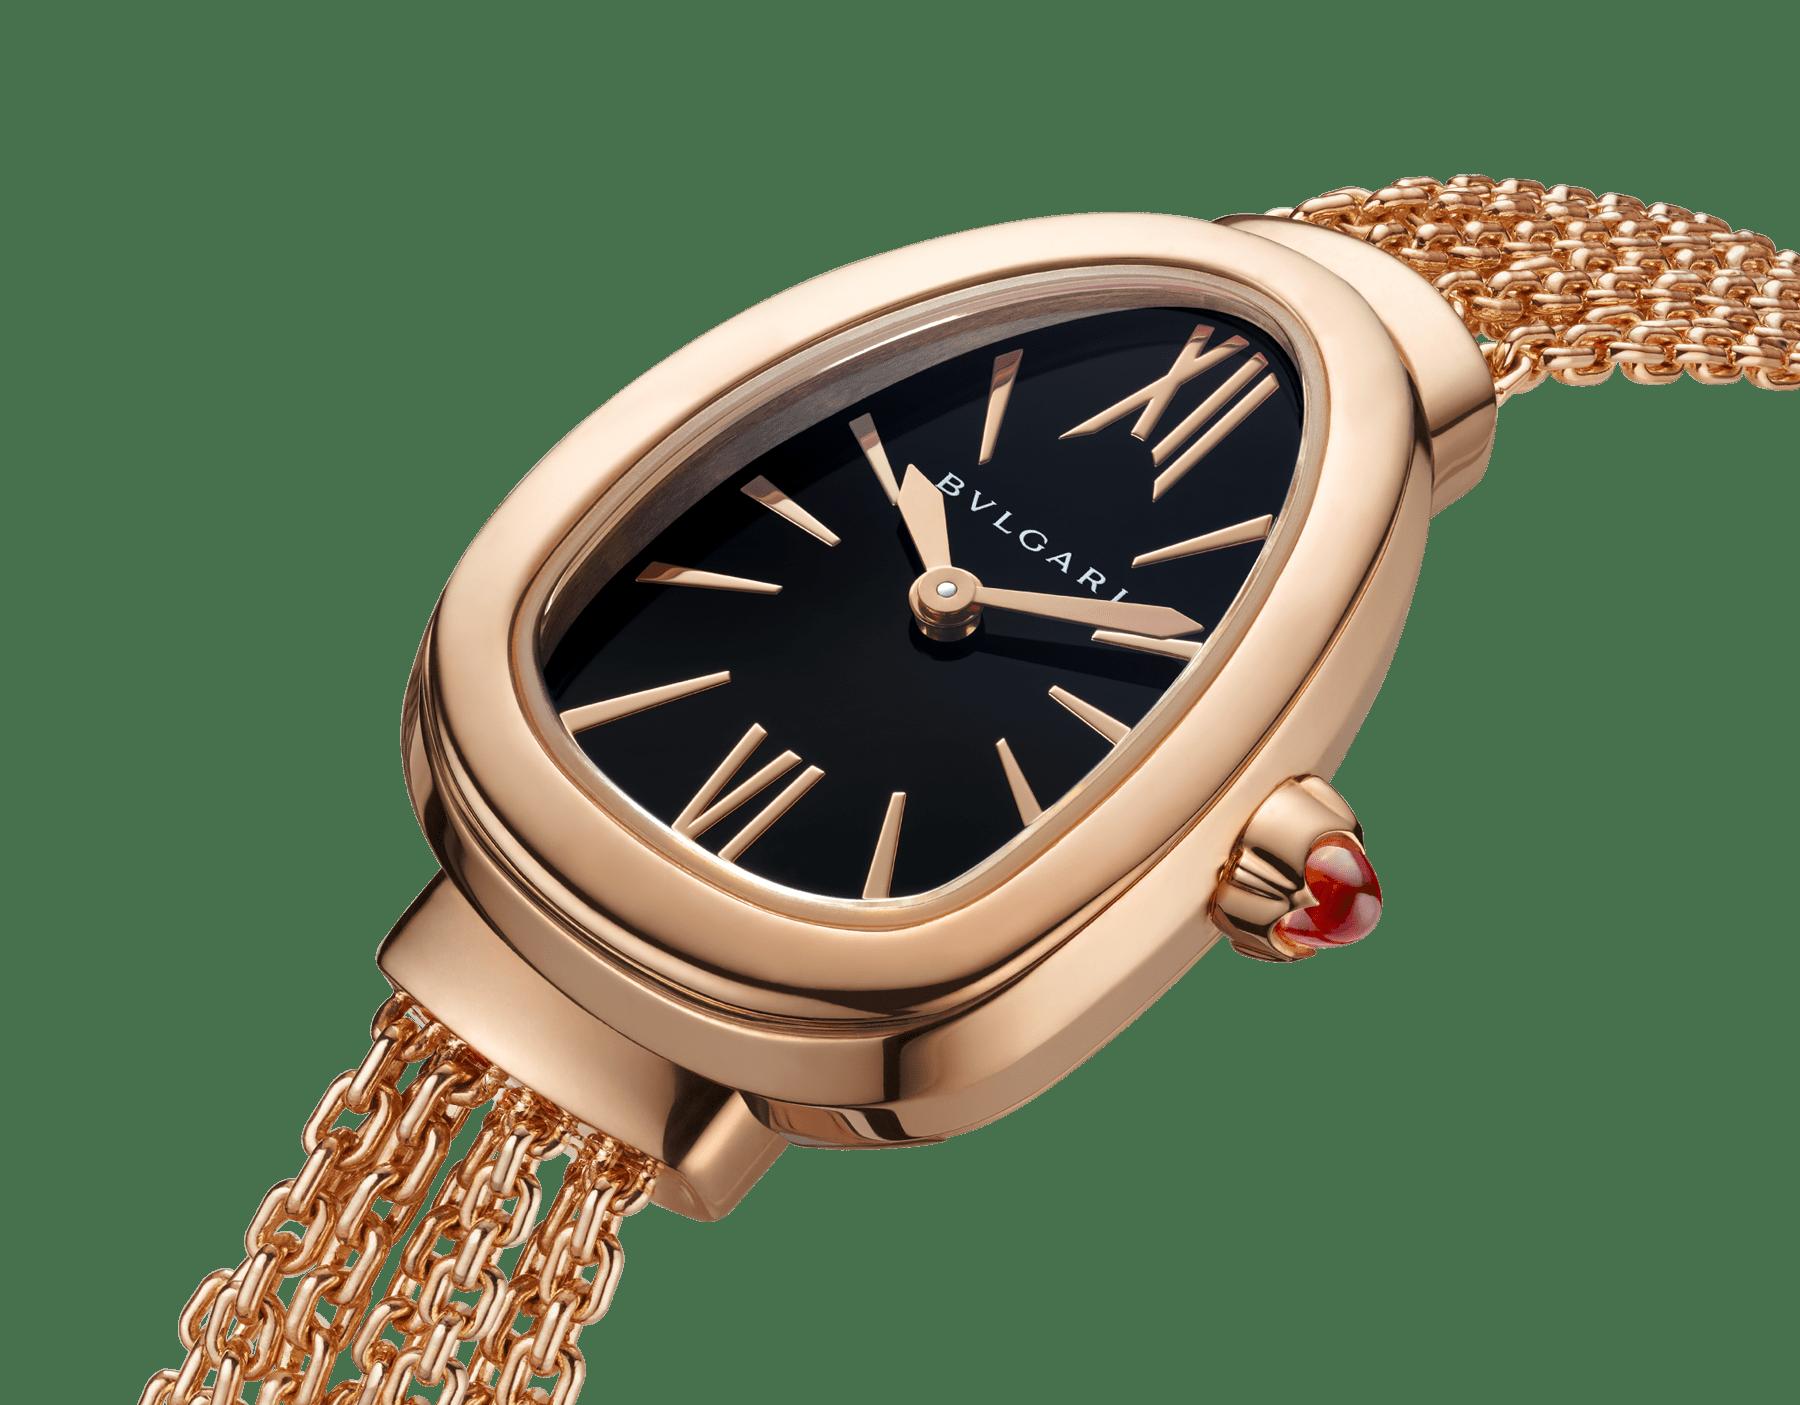 Serpenti Uhr mit Gehäuse und austauschbarem Kettenarmband aus 18Karat Roségold mit schwarz lackiertem Zifferblatt 102728 image 3